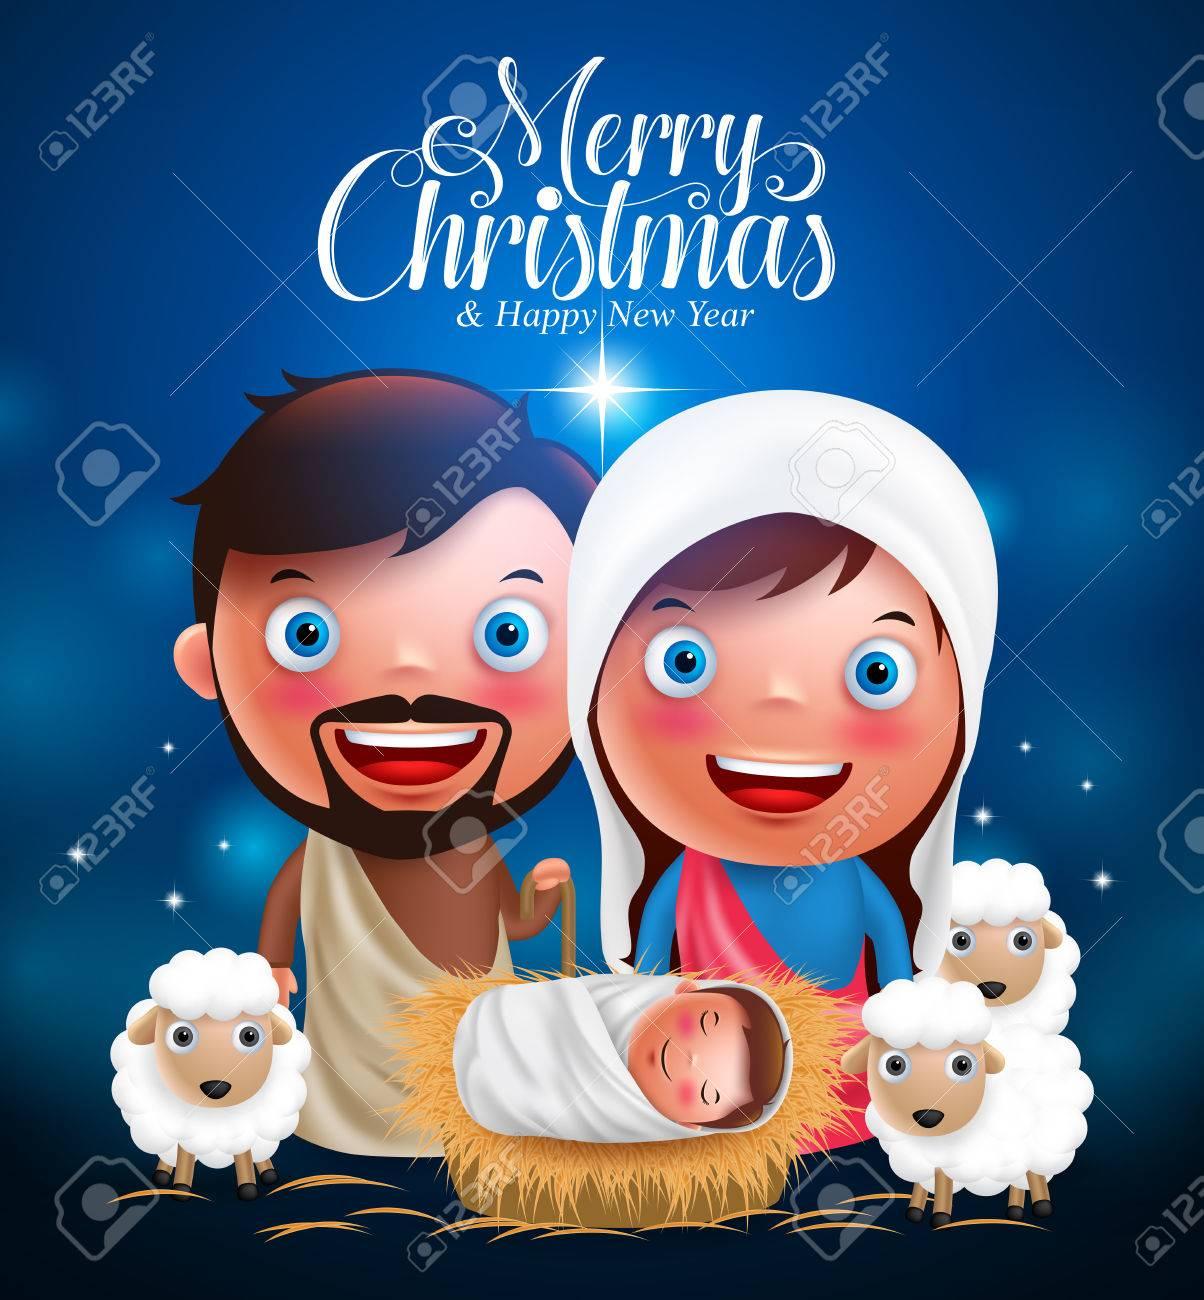 Fotos De Navidad Con Jesus.Saludos Feliz Navidad Con Jesus Nacido En Belen Pesebre Con Jose Y Maria Vector Personajes De La Noche De Navidad Ilustracion Vectorial